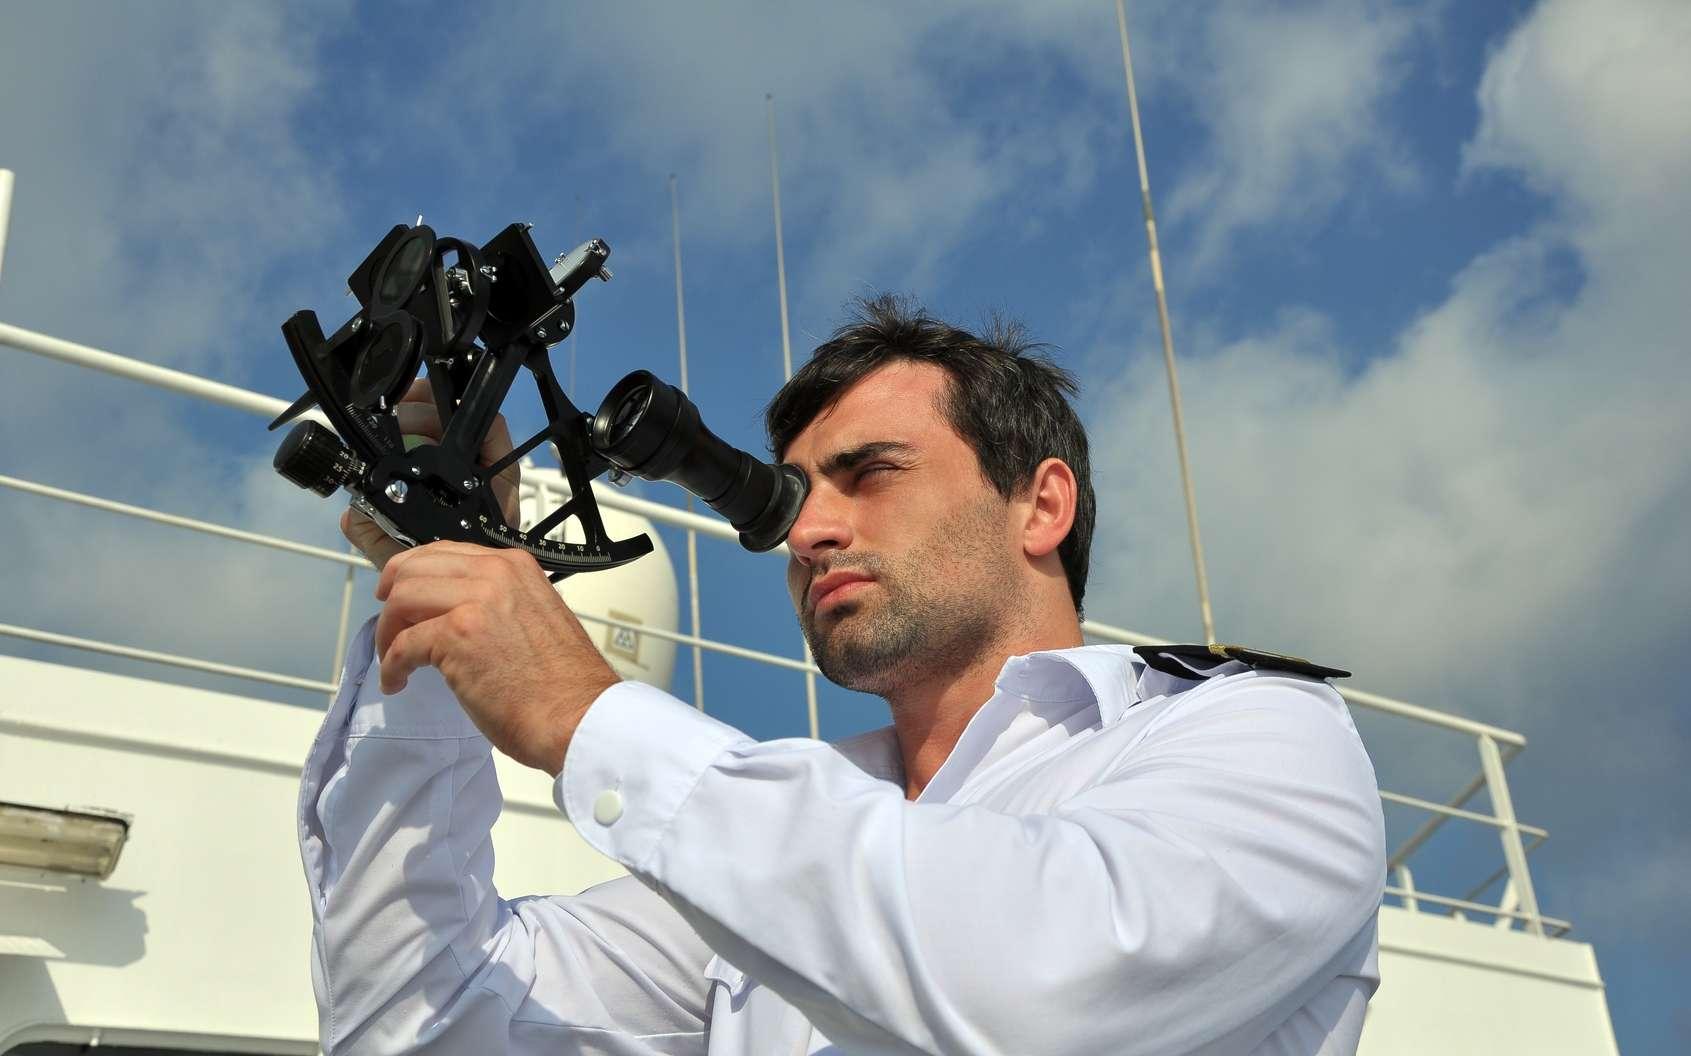 Le sextant : principe et utilisation. © andrej pol, Fotolia